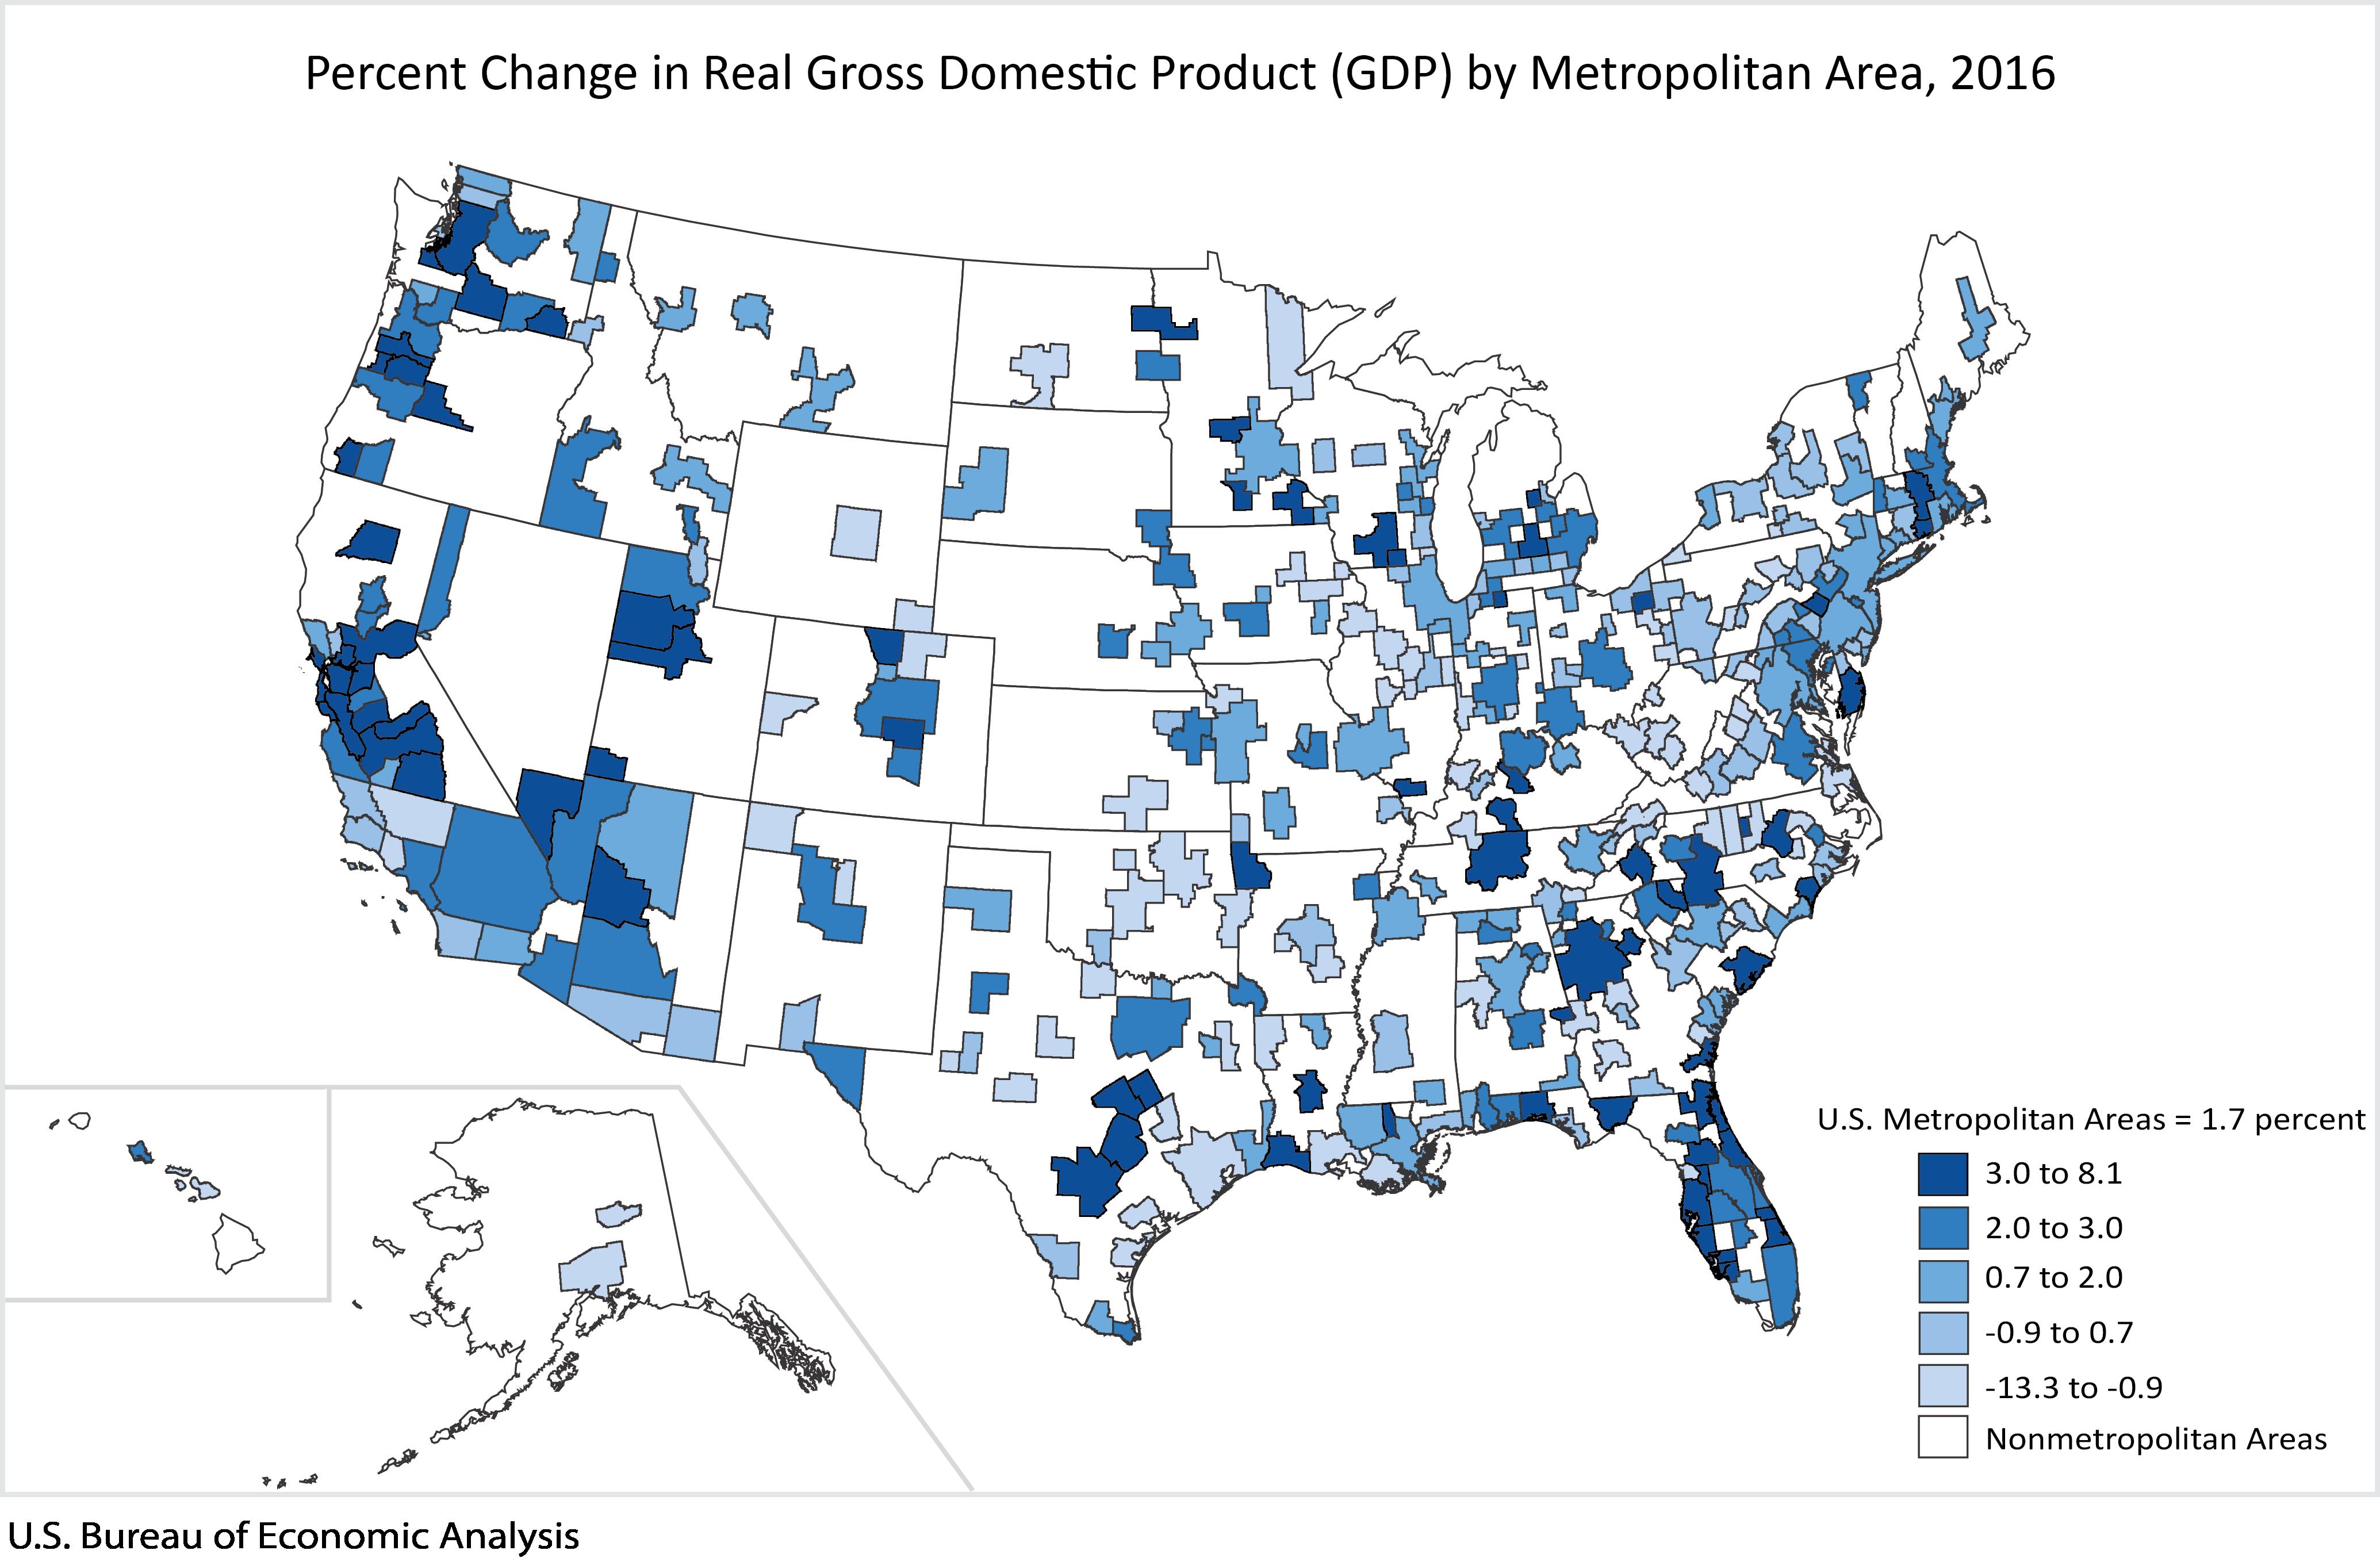 GDP by Metropolitan Area | U.S. Bureau of Economic Analysis (BEA)